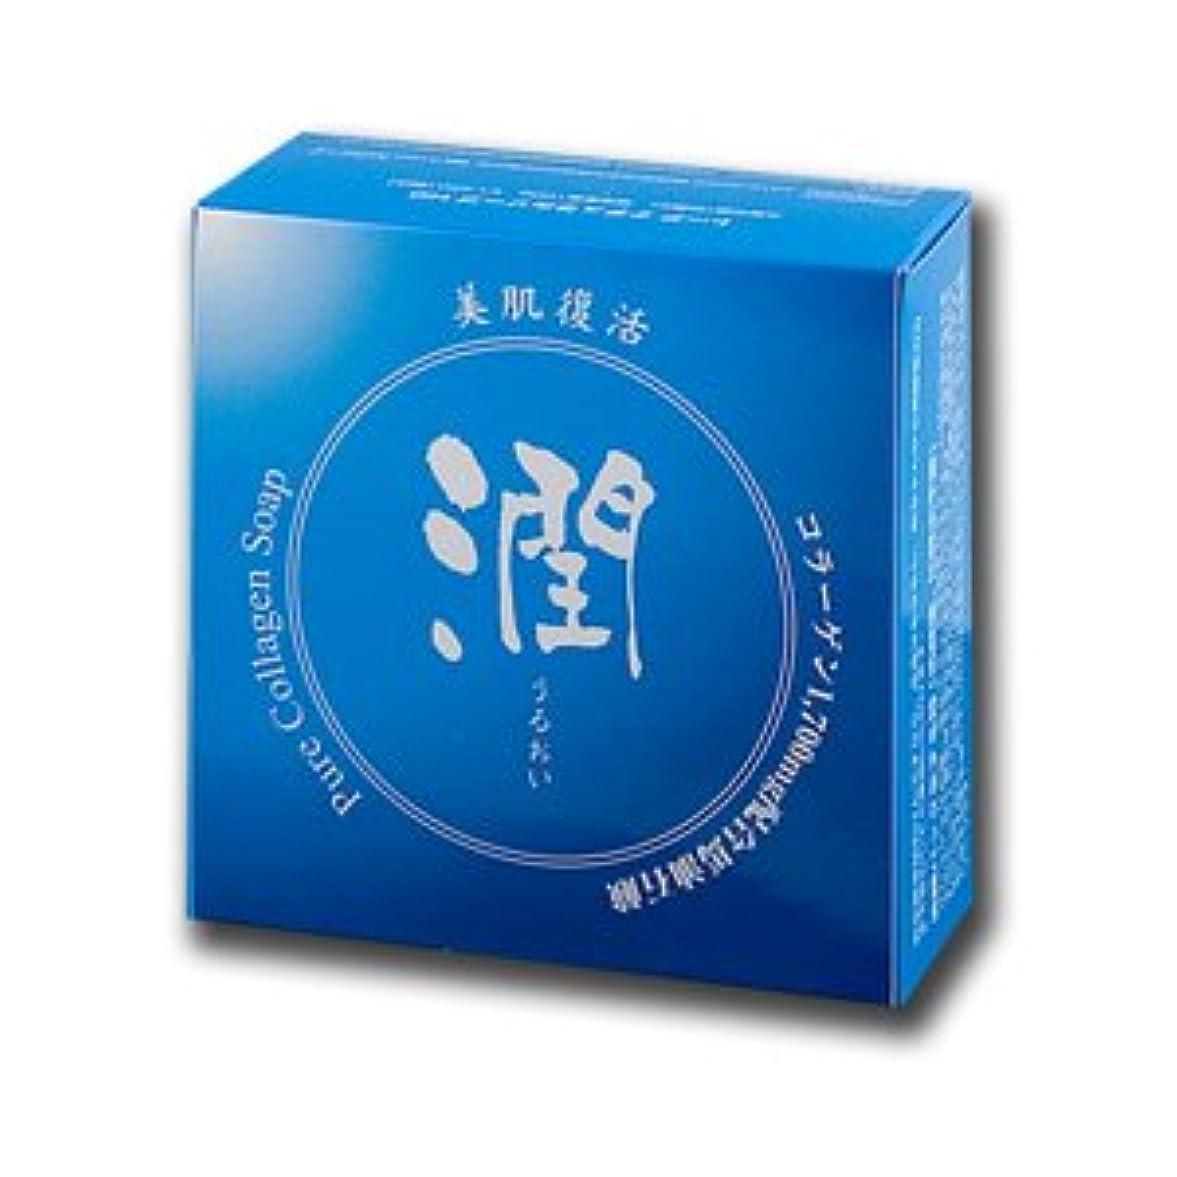 美容師暴露ウェーハコラーゲン馬油石鹸 潤 100g (#800410) ×10個セット